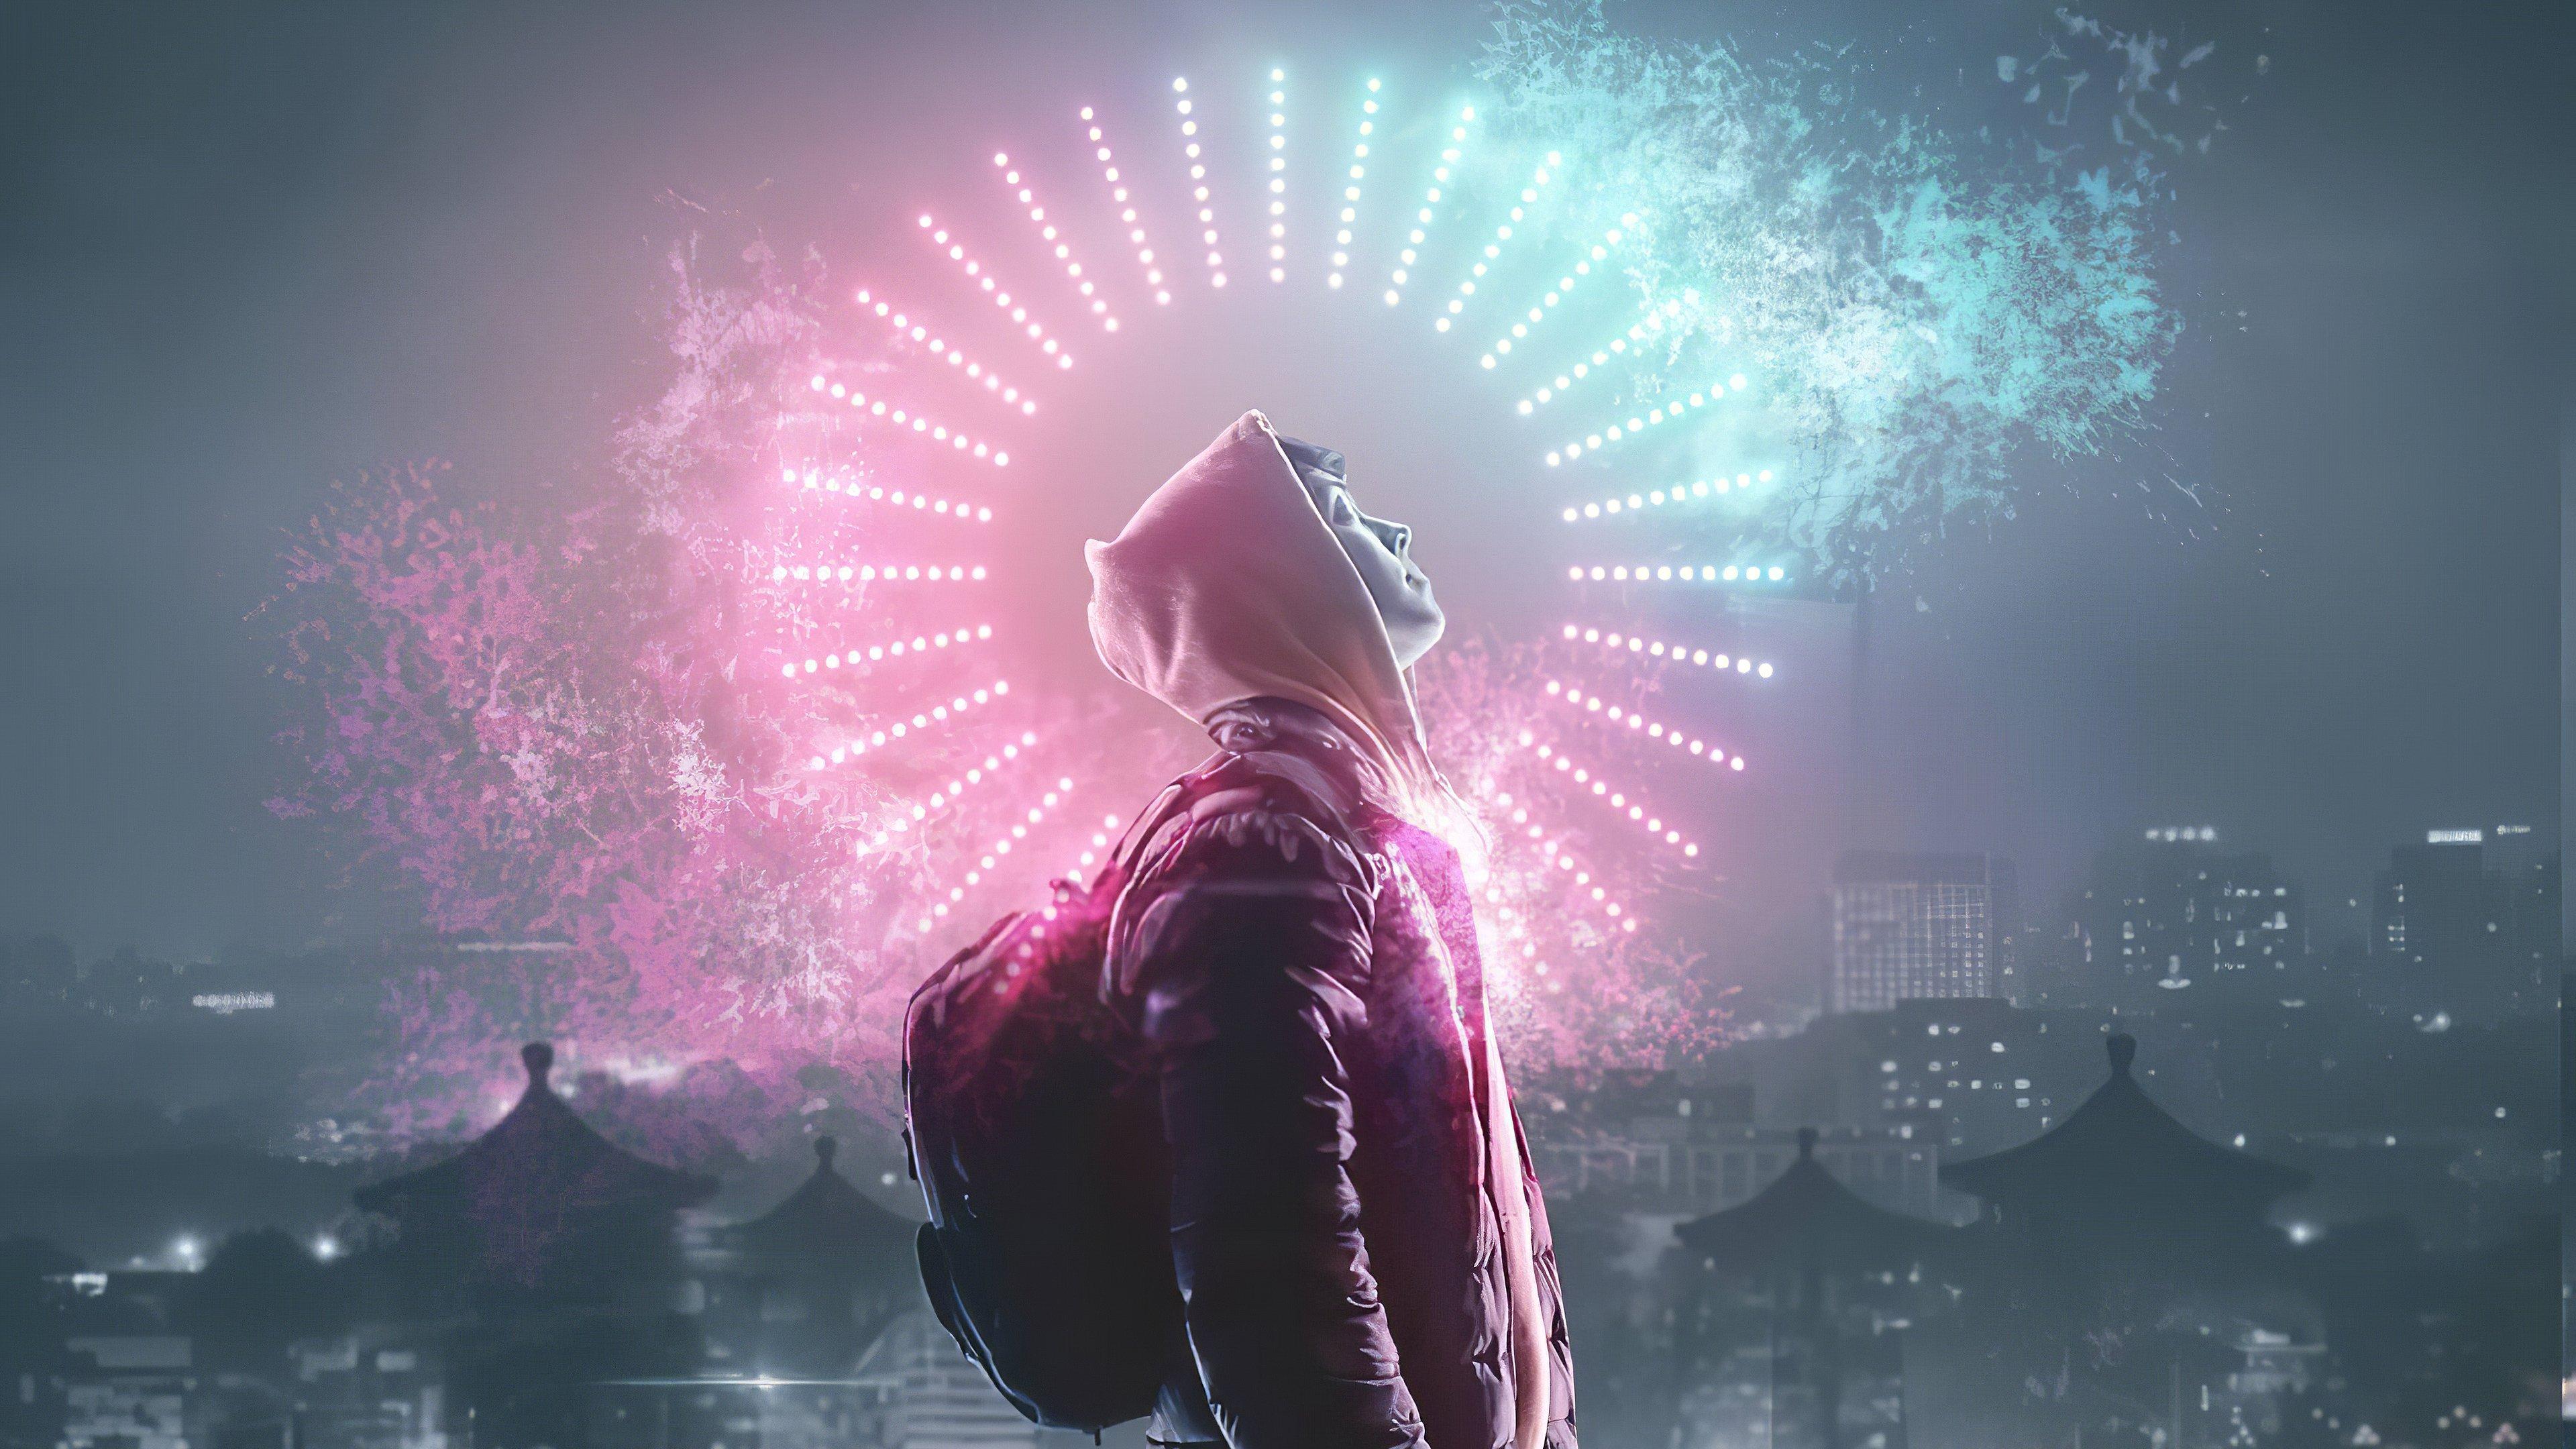 Fondos de pantalla Chico en ciudad iluminada en colores neon